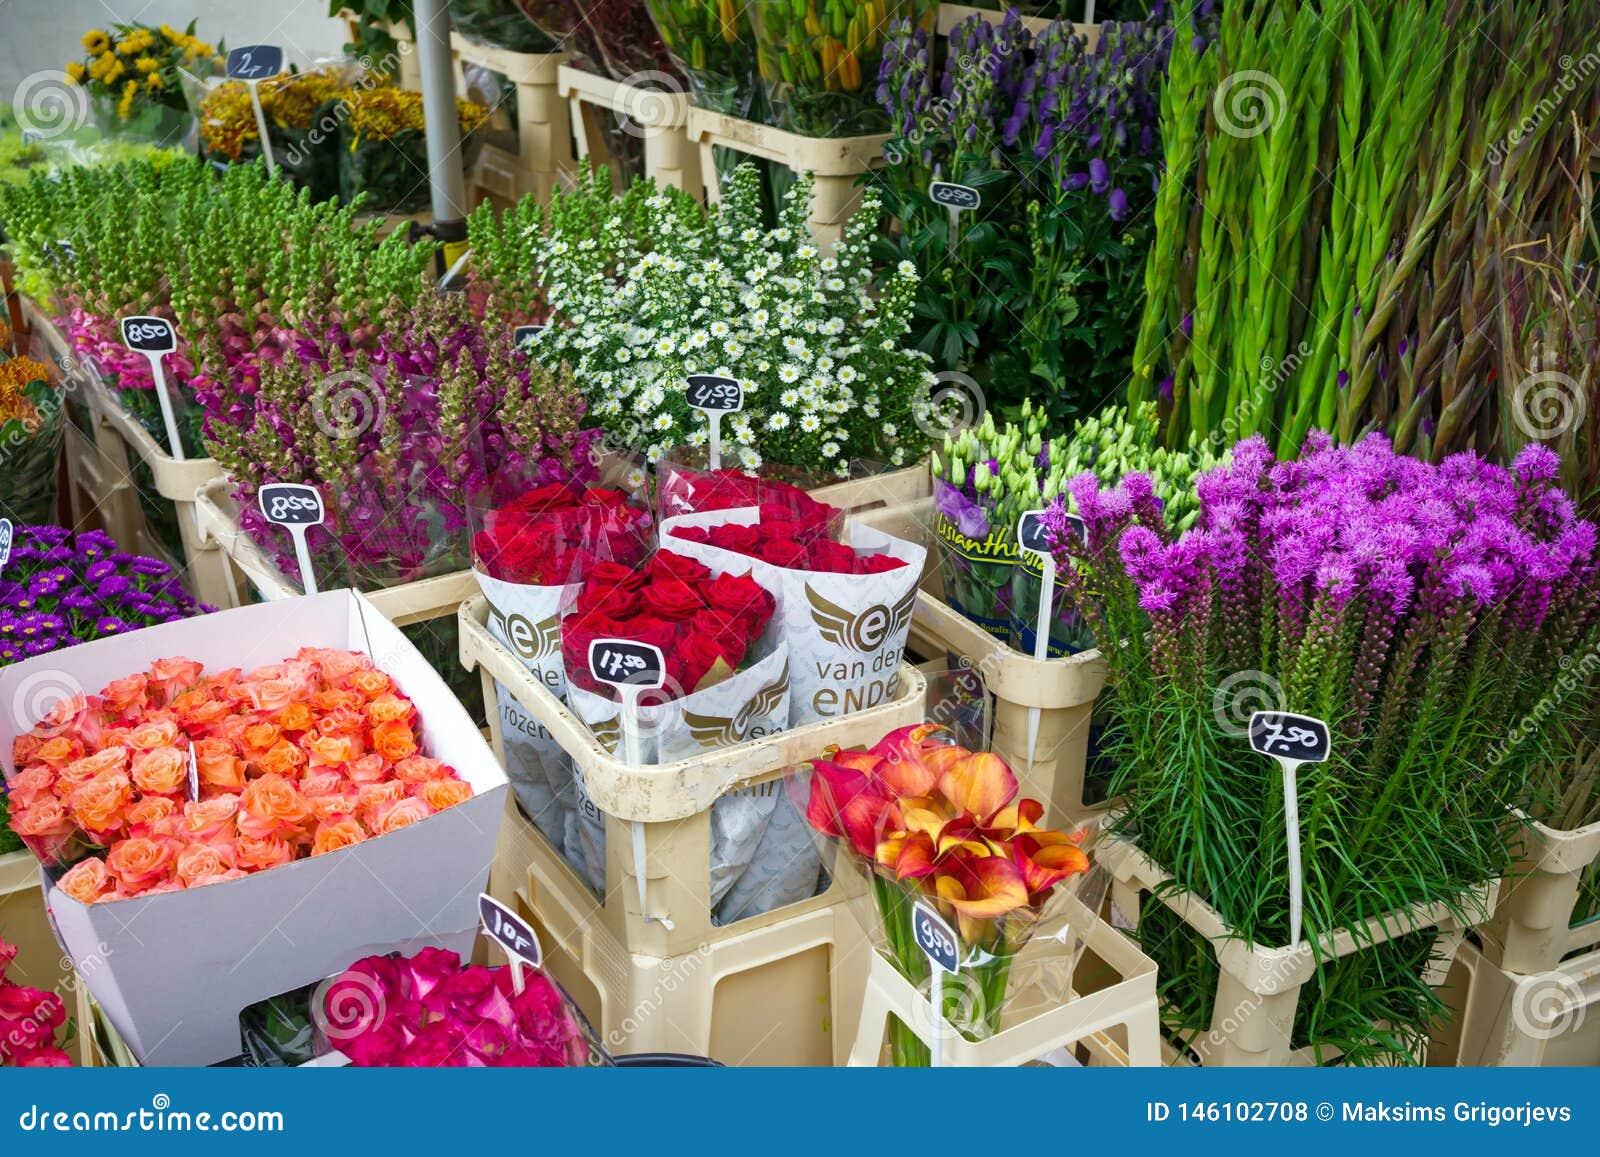 Blumen für Verkauf an einem niederländischen Blumenmarkt, Amsterdam, die Niederlande, am 12. Oktober 2017